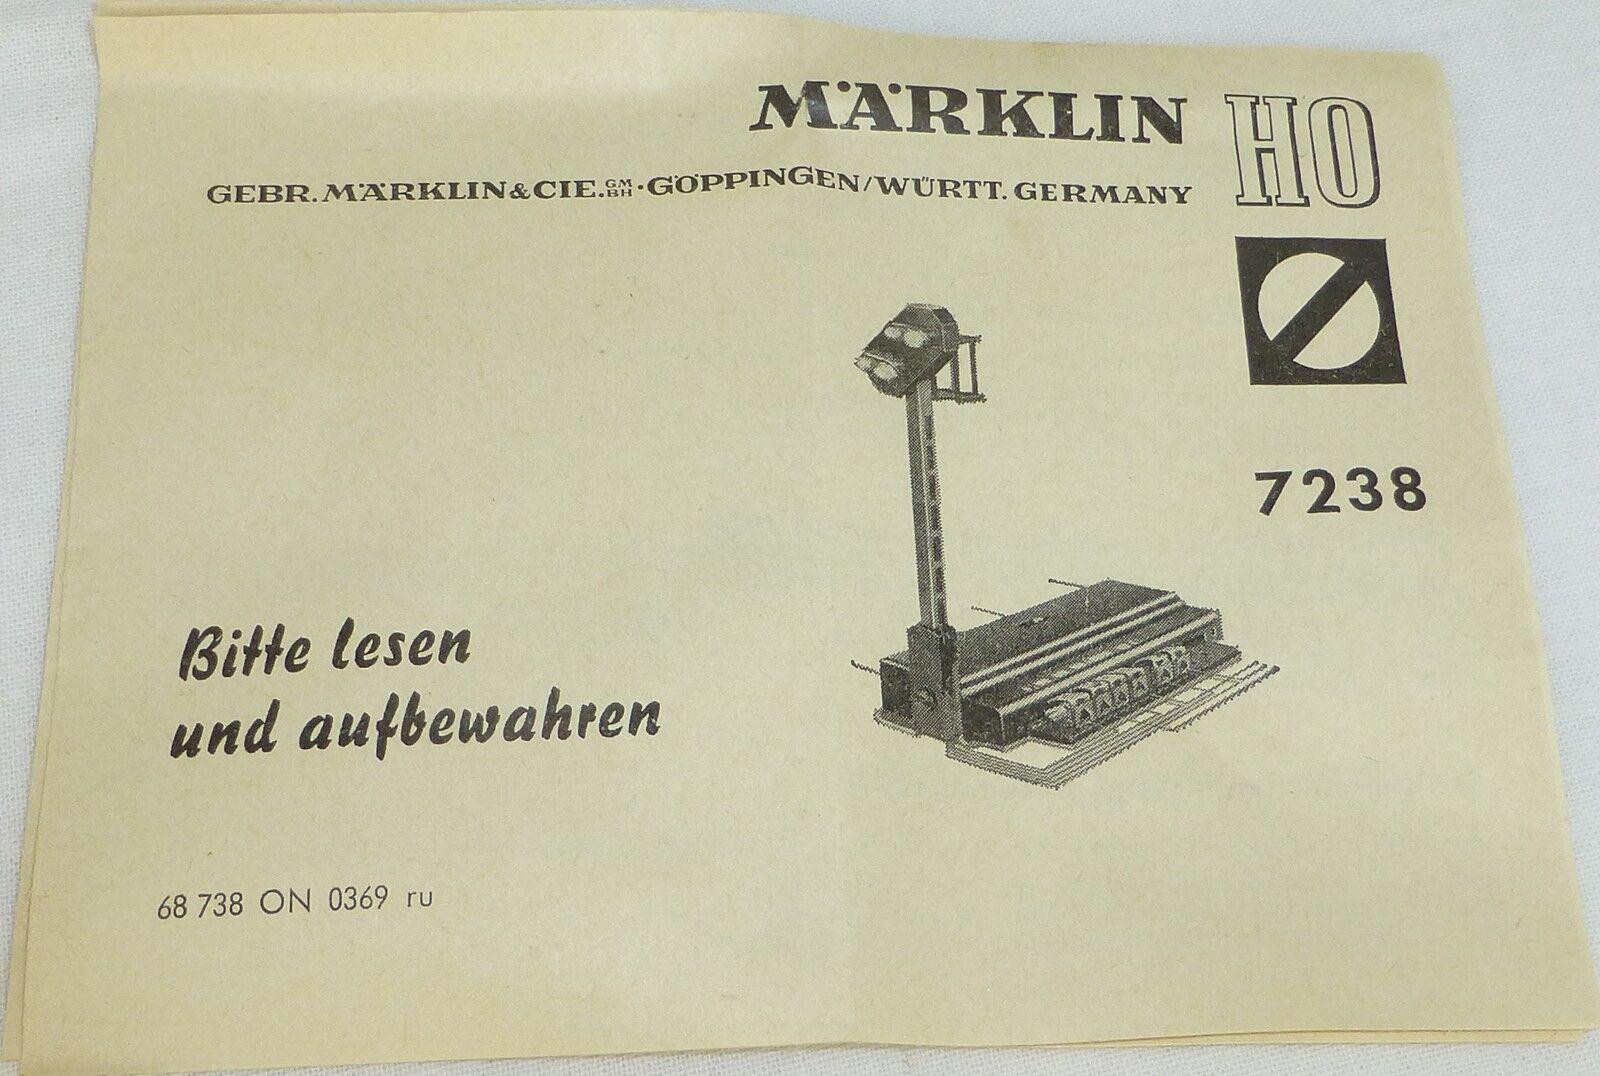 Märklin 7238 Guide 68 738 on 0369 Ru